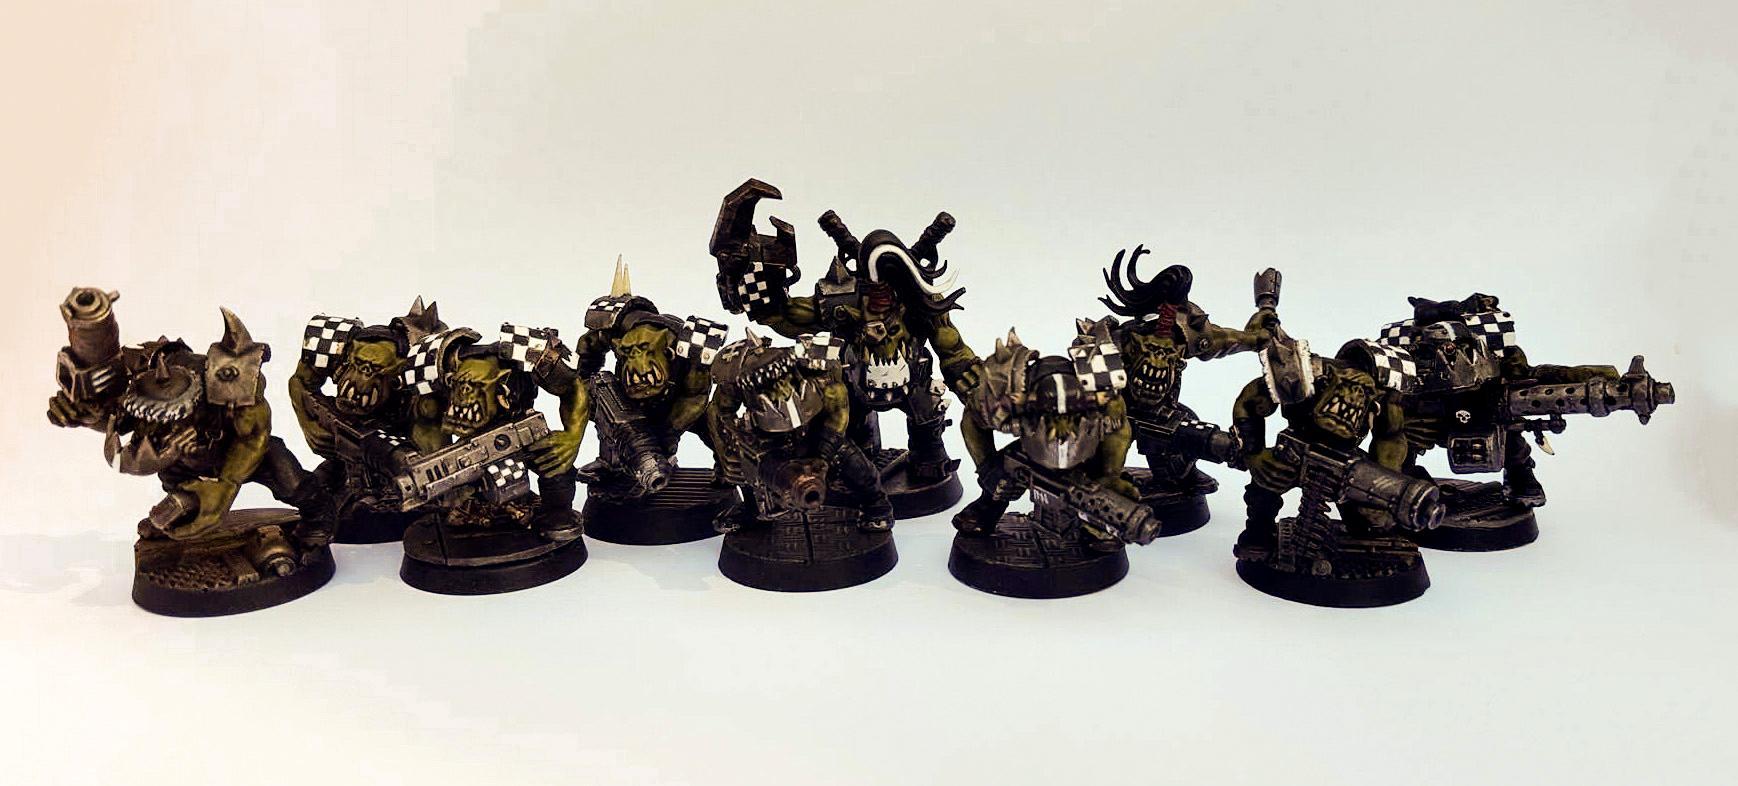 'ard Boyz, 'eavy Armour, 'ere We Go, Battle Worn, Boy, Checkers, Checks, Dirty, Goffs, Gorbash, Industrial, Iron Gob, Mob, Ork Boyz, Orks, Realistic, Rust, Rusty, Shootas, Waaaagh